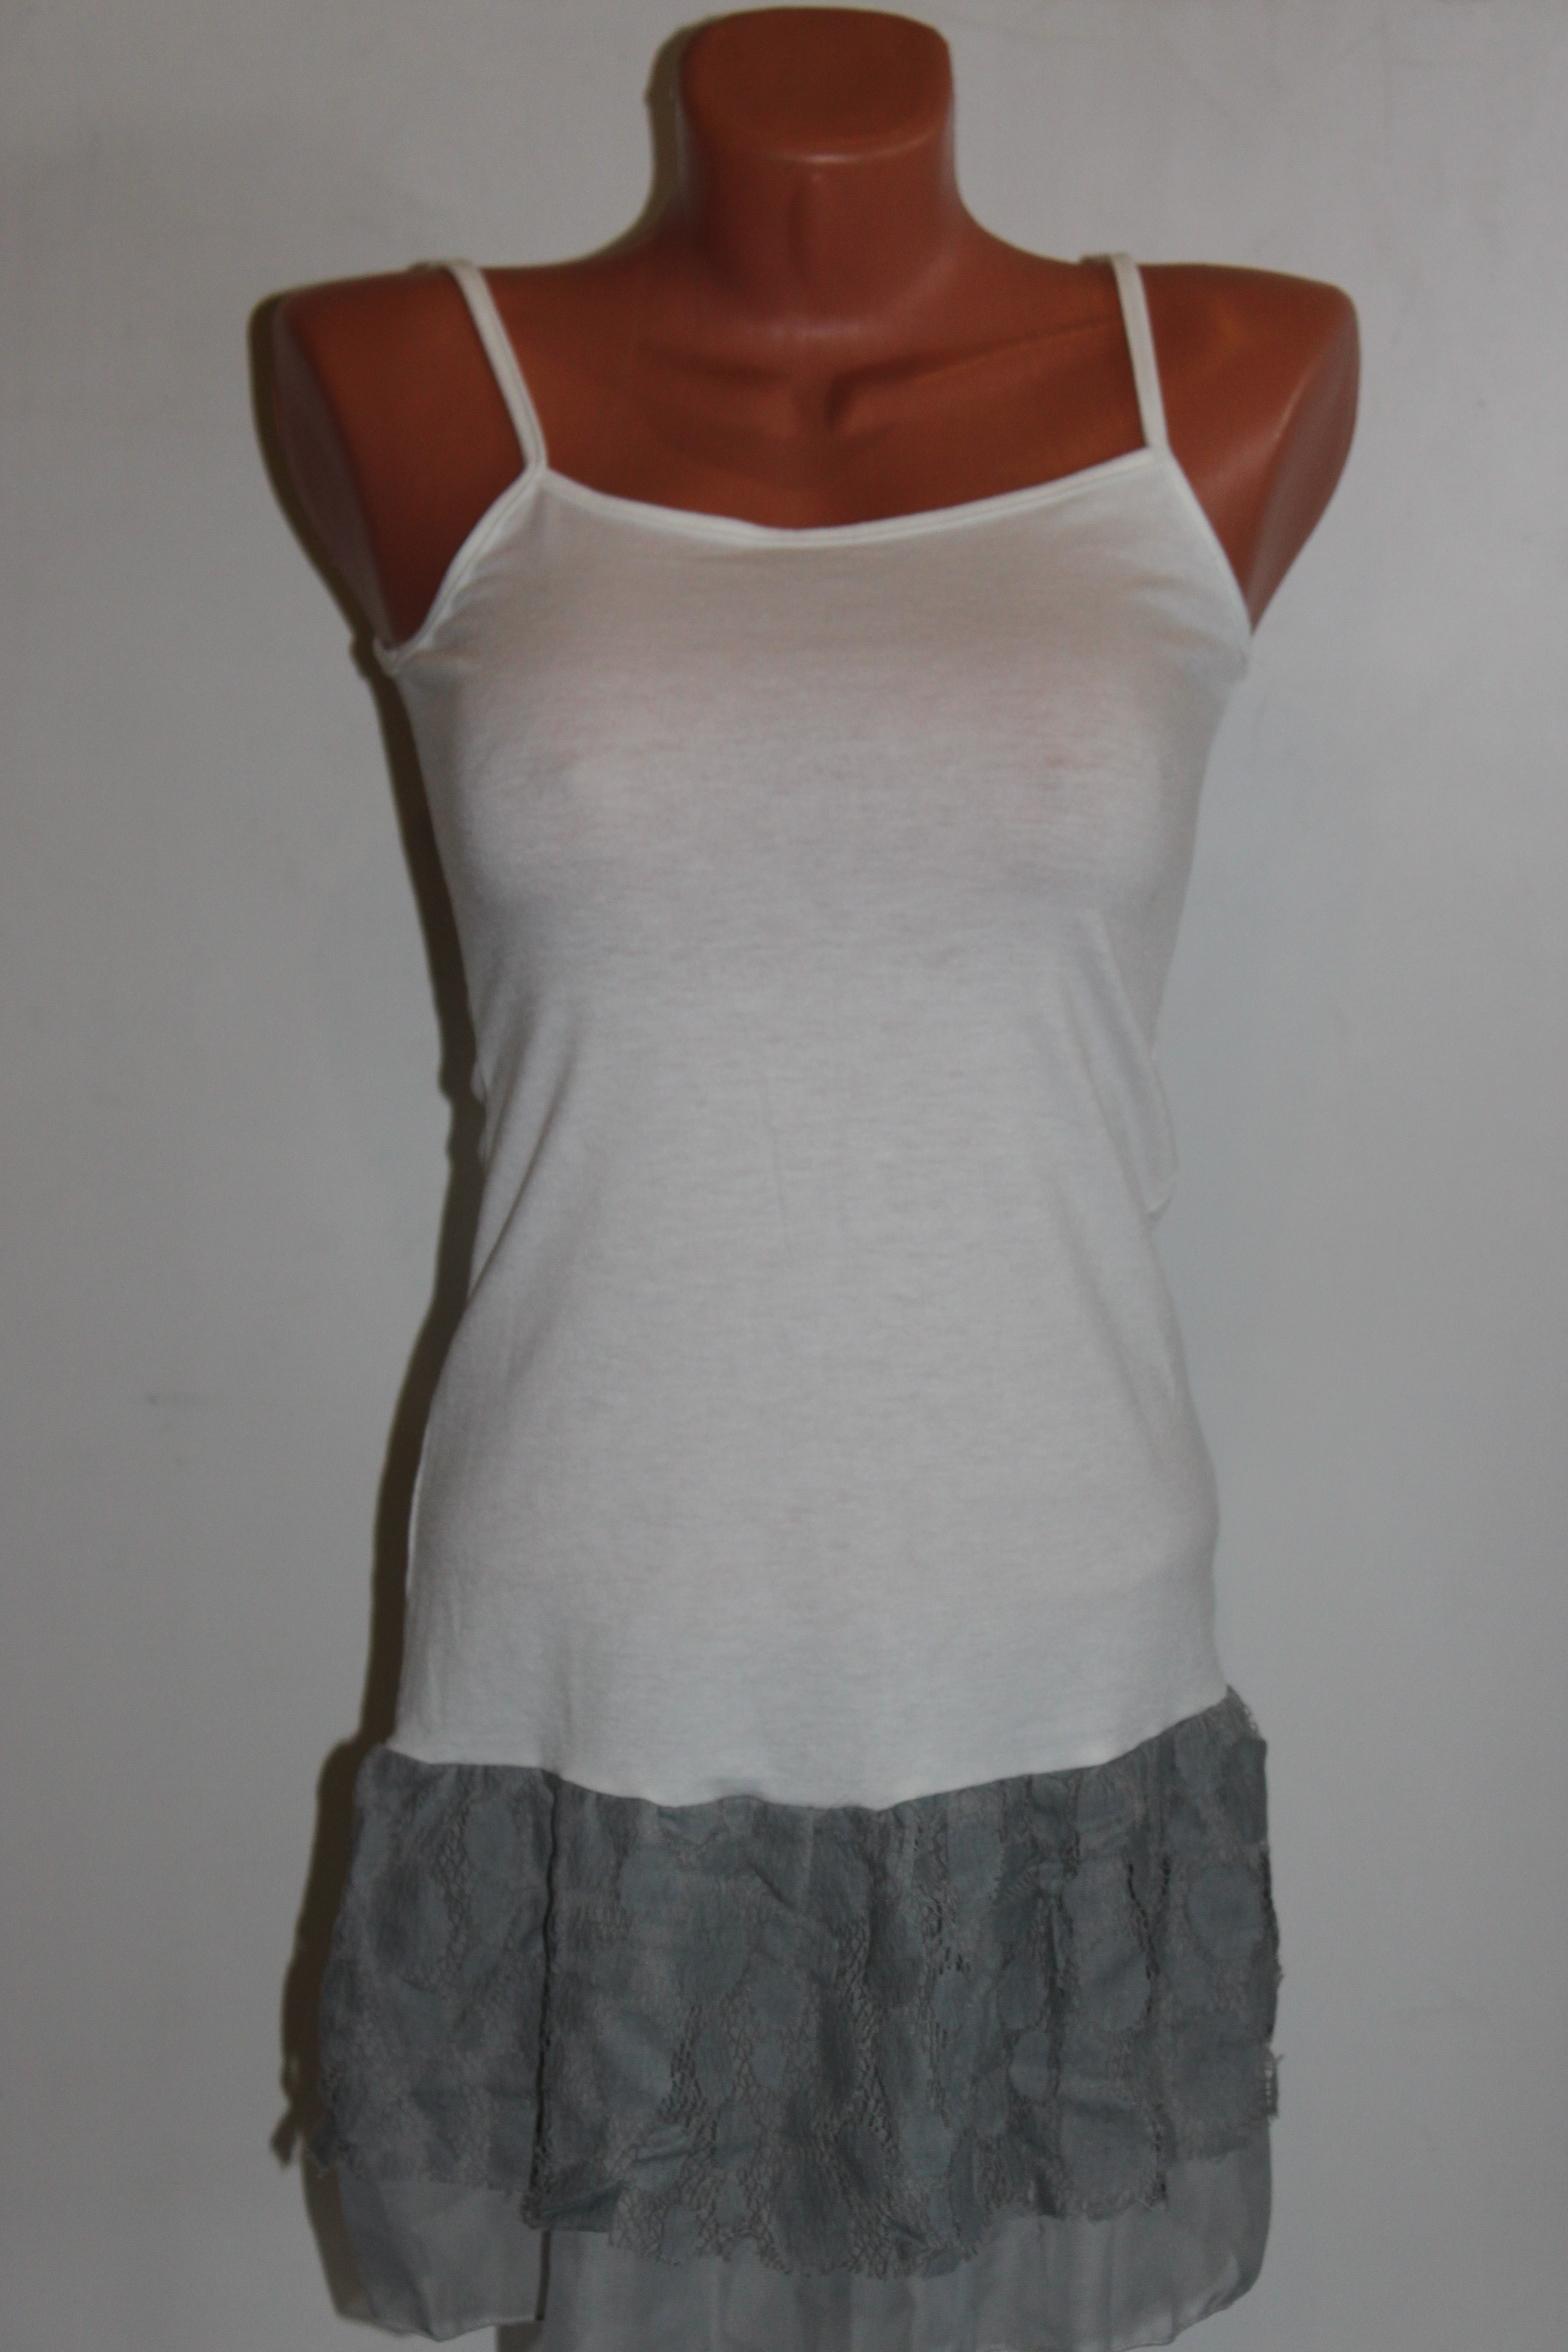 Распродажа!!! Красивый летний сарафан с кружевом на спине: цена